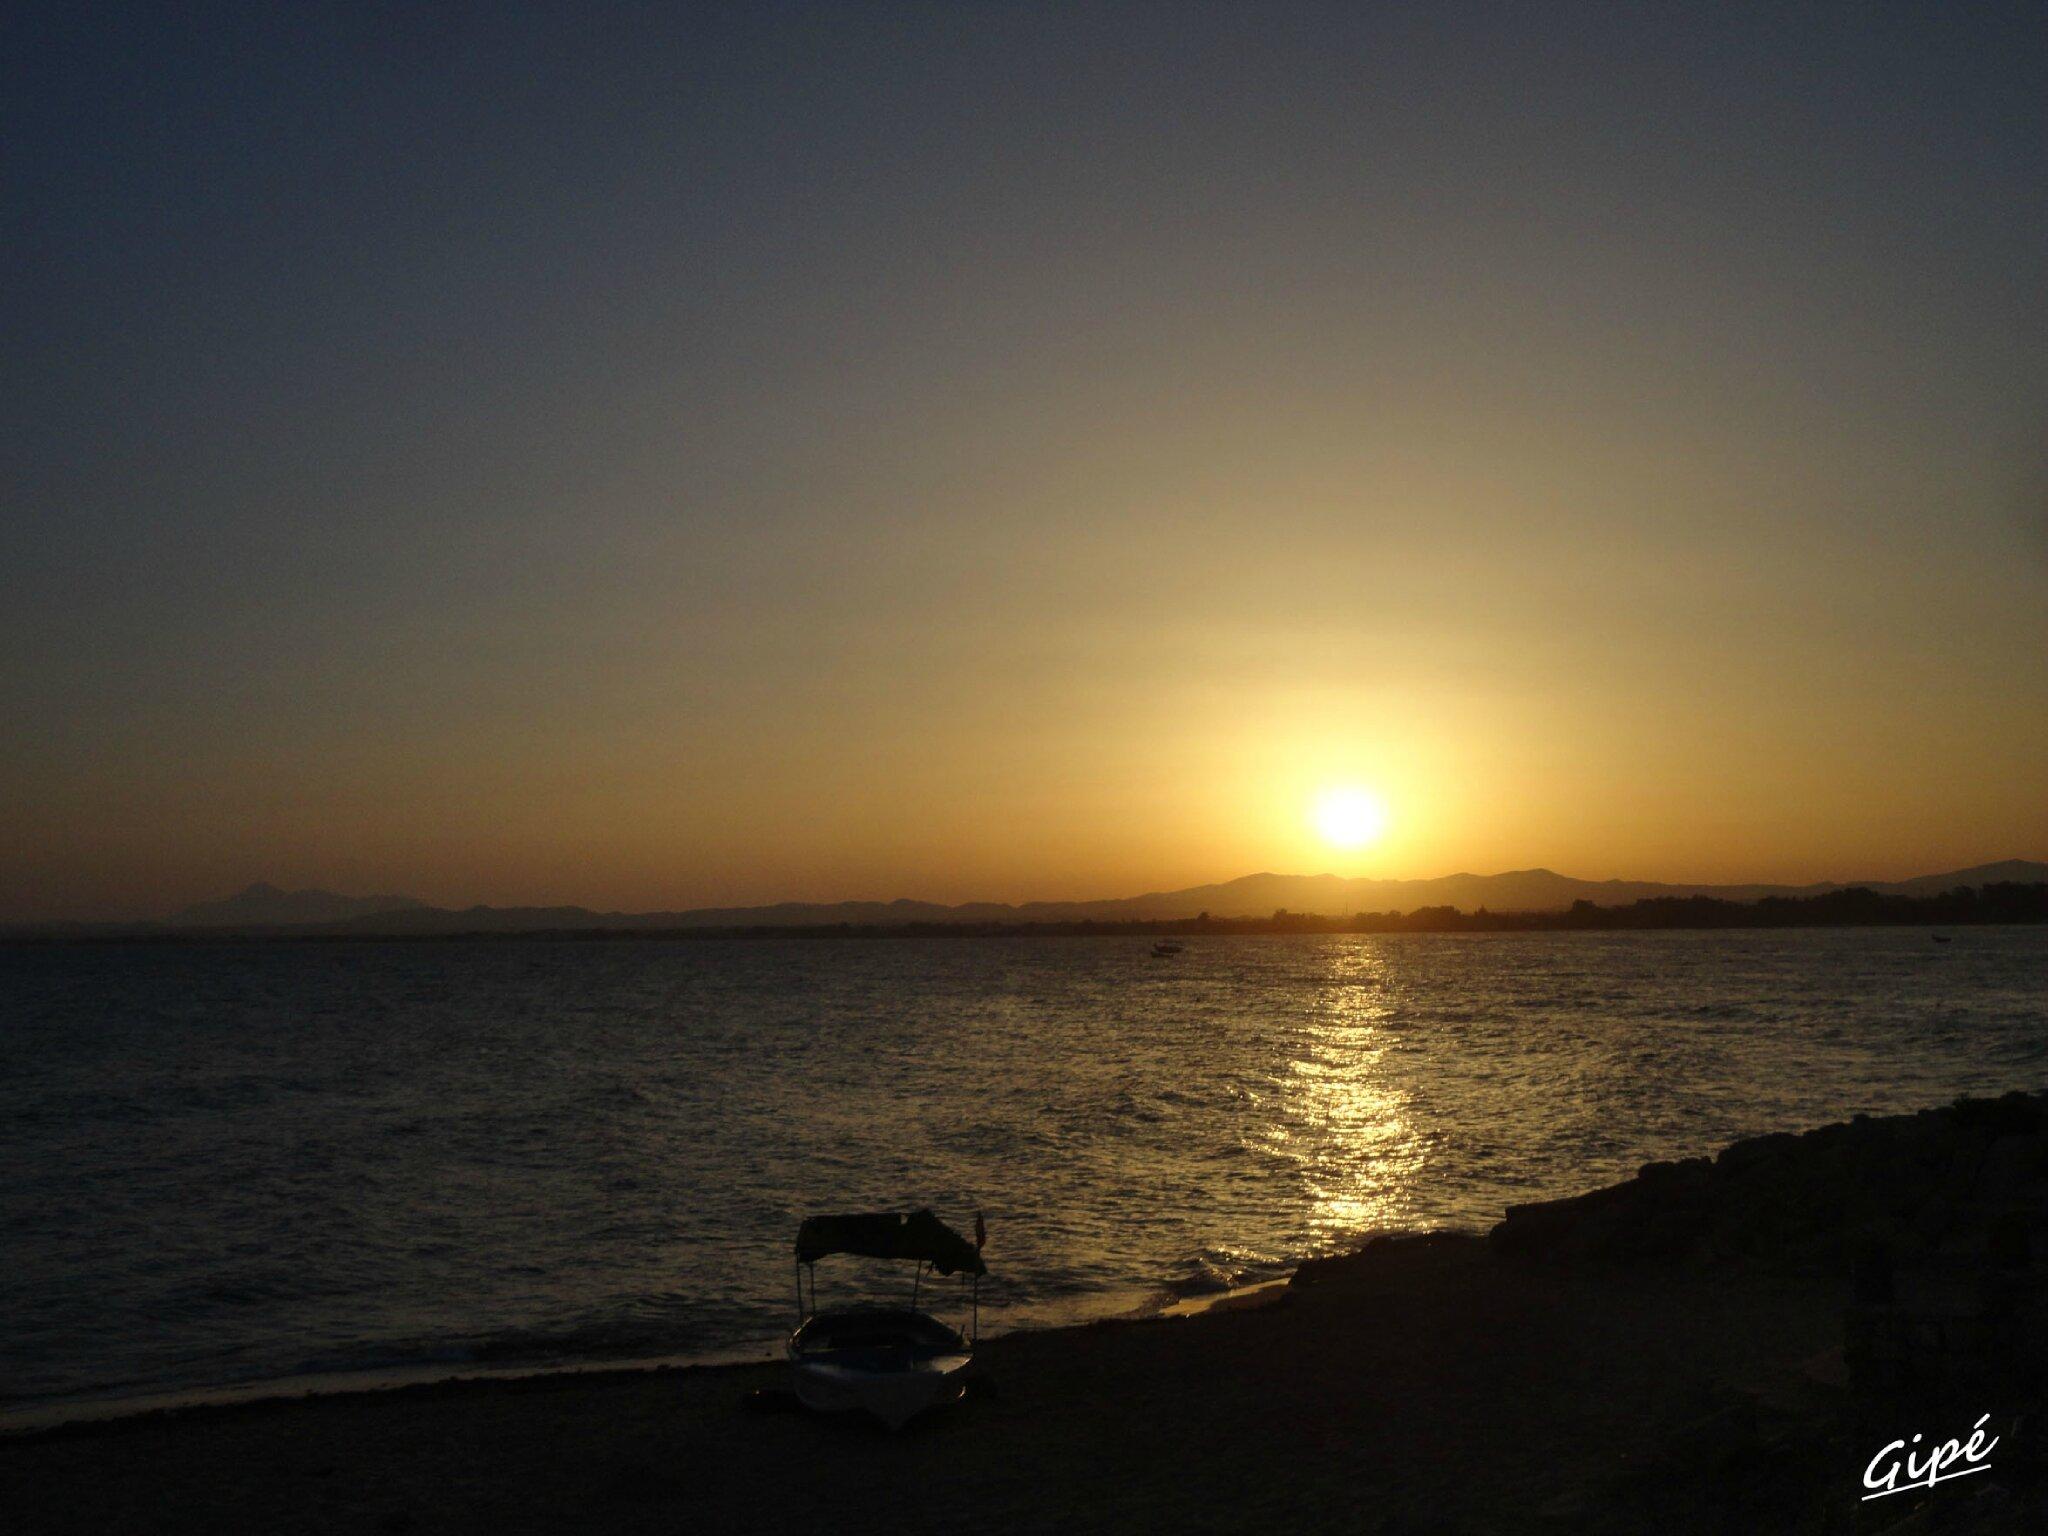 Coucher de soleil du dimanche 28 juillet 2013